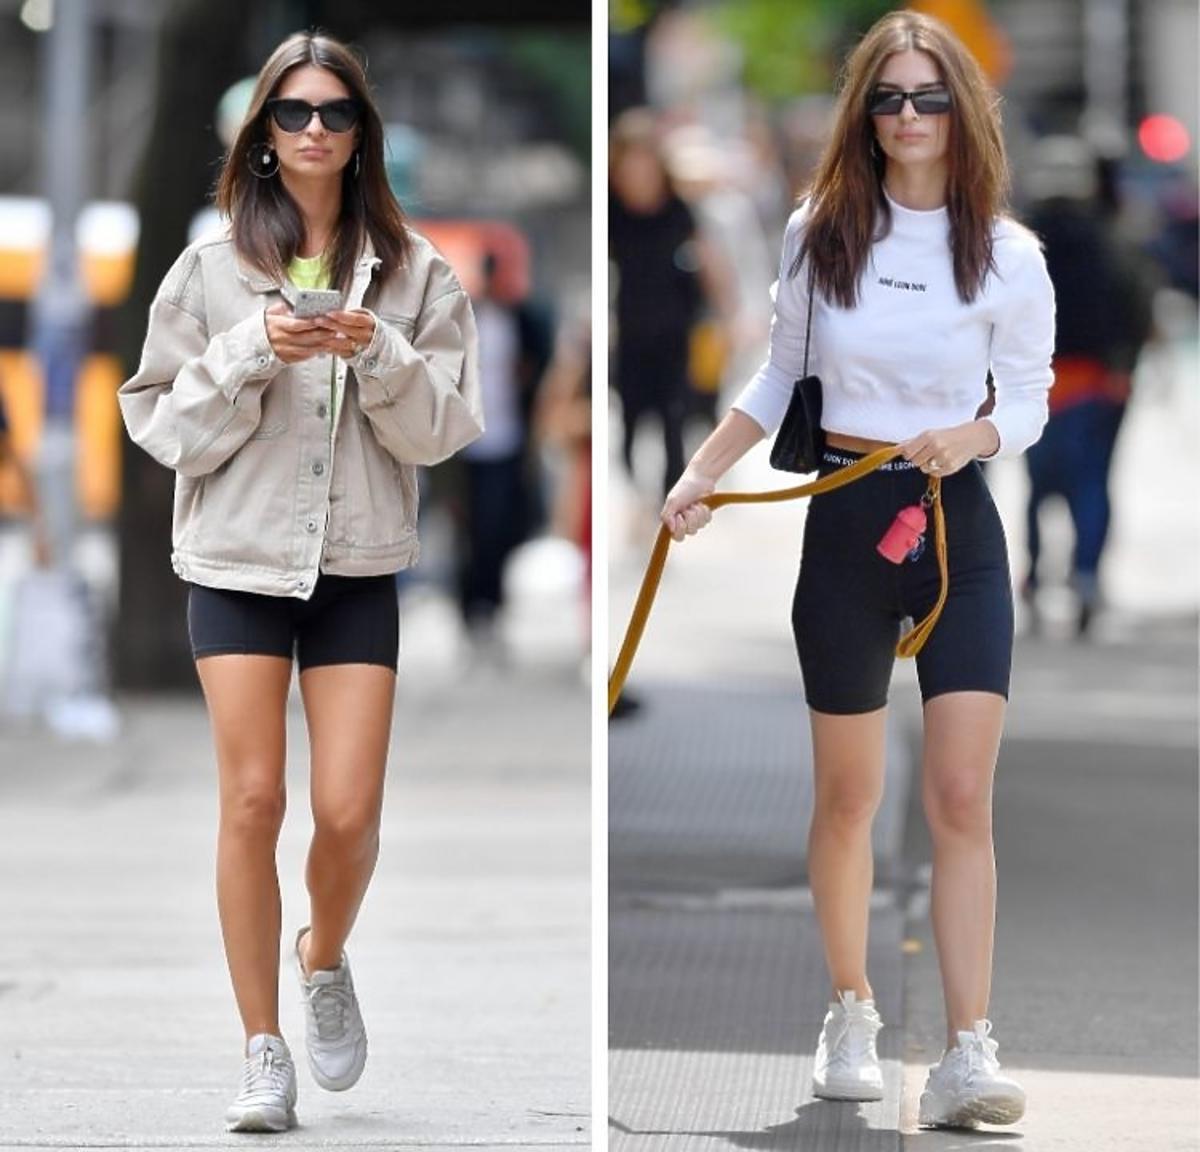 Emily Ratajkowski spaceruje po LA w czarnych kolarkach